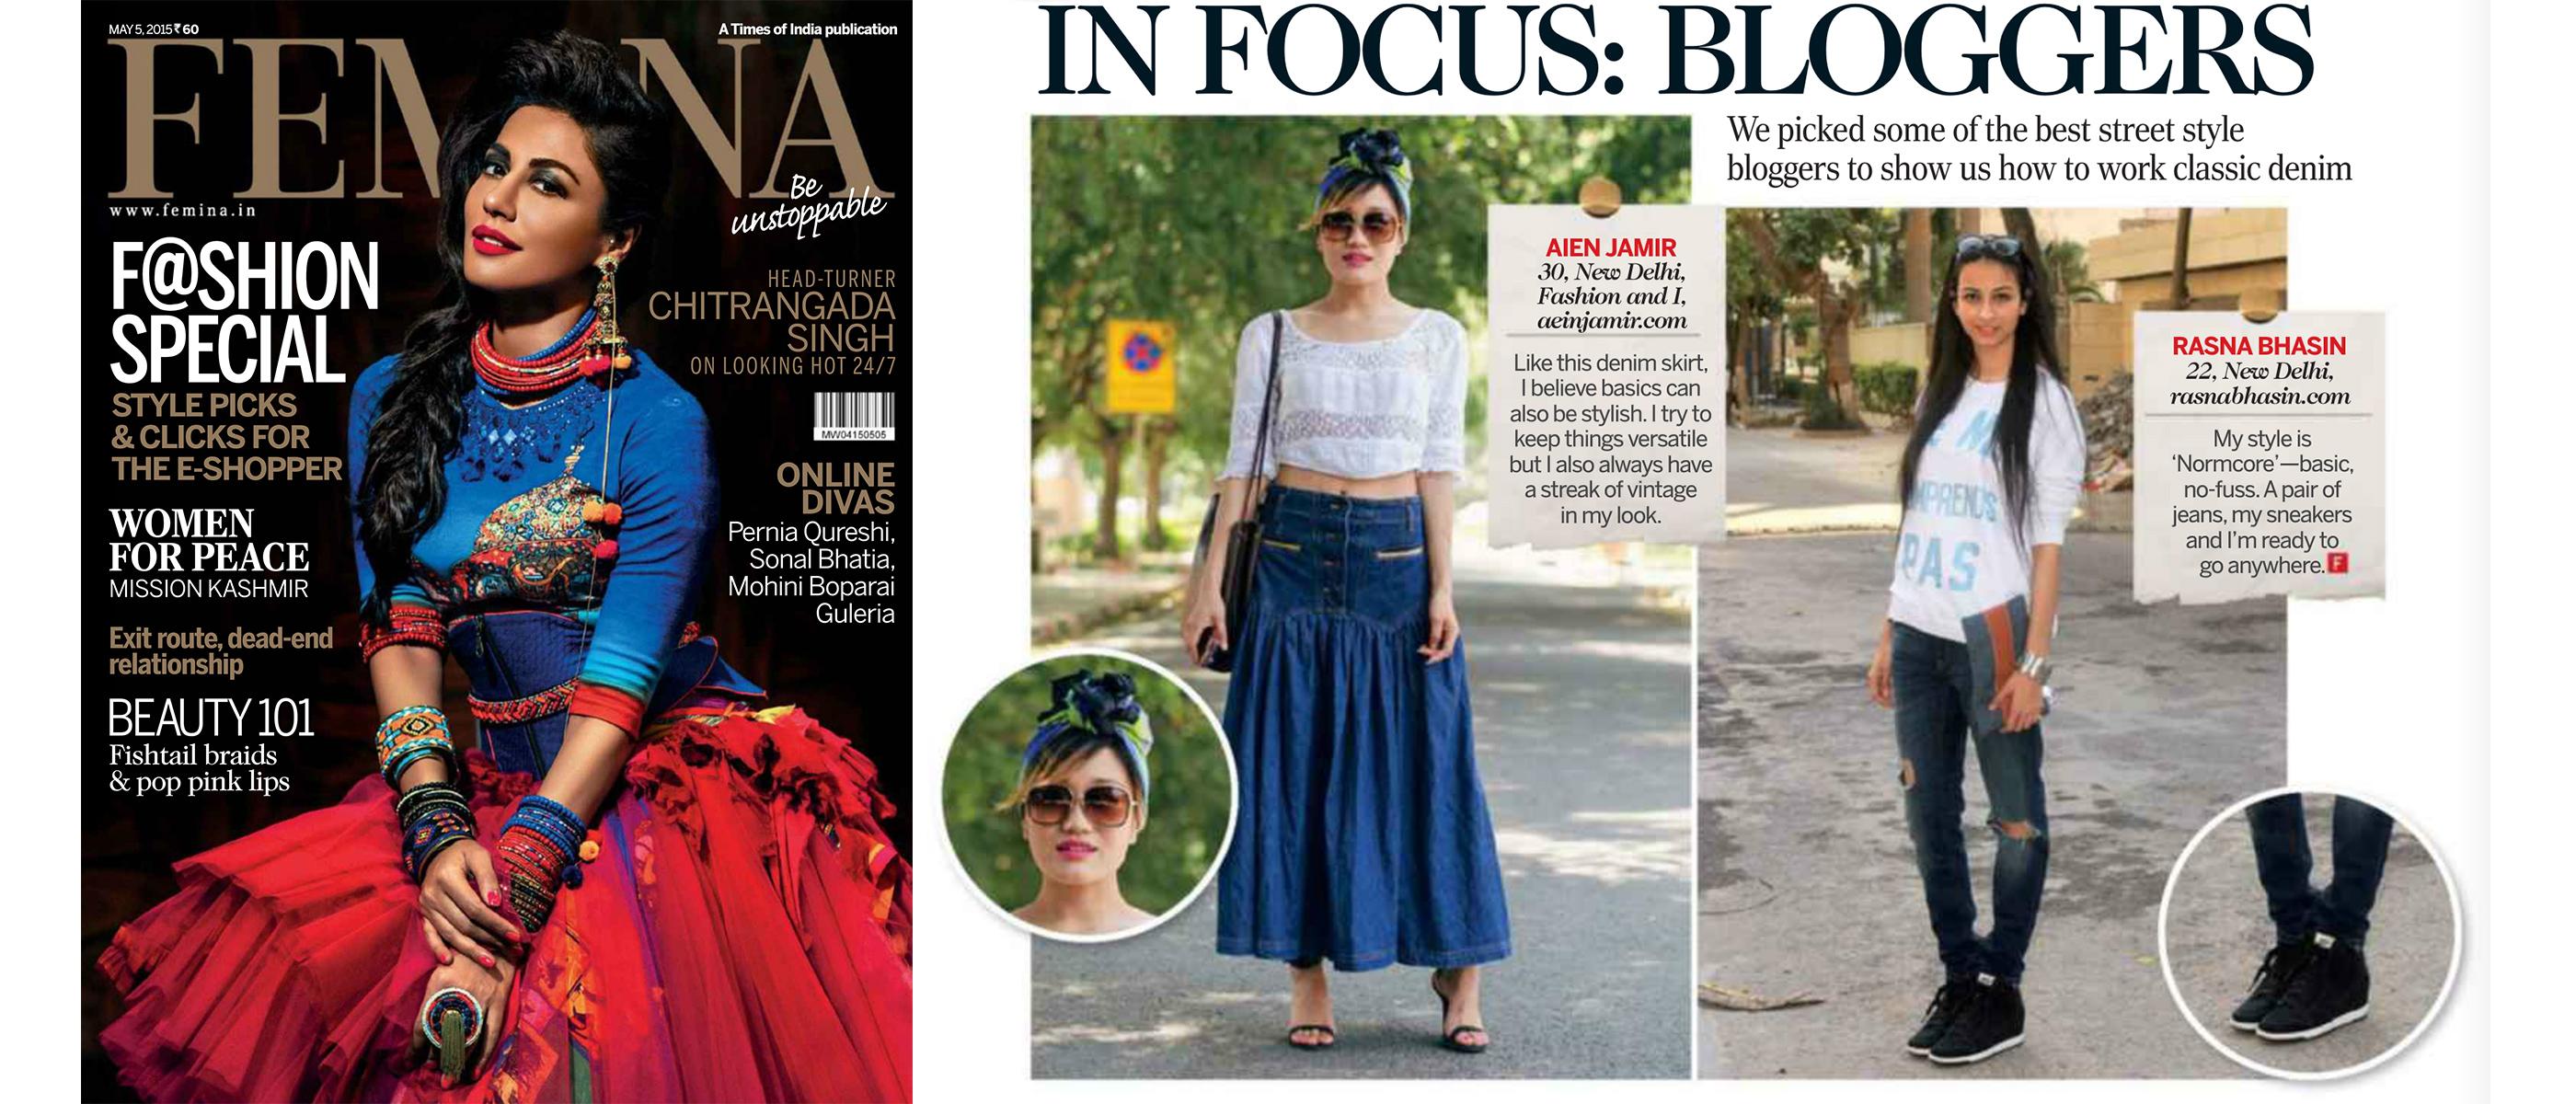 Femina, 5th May 2015 Issue FINAL